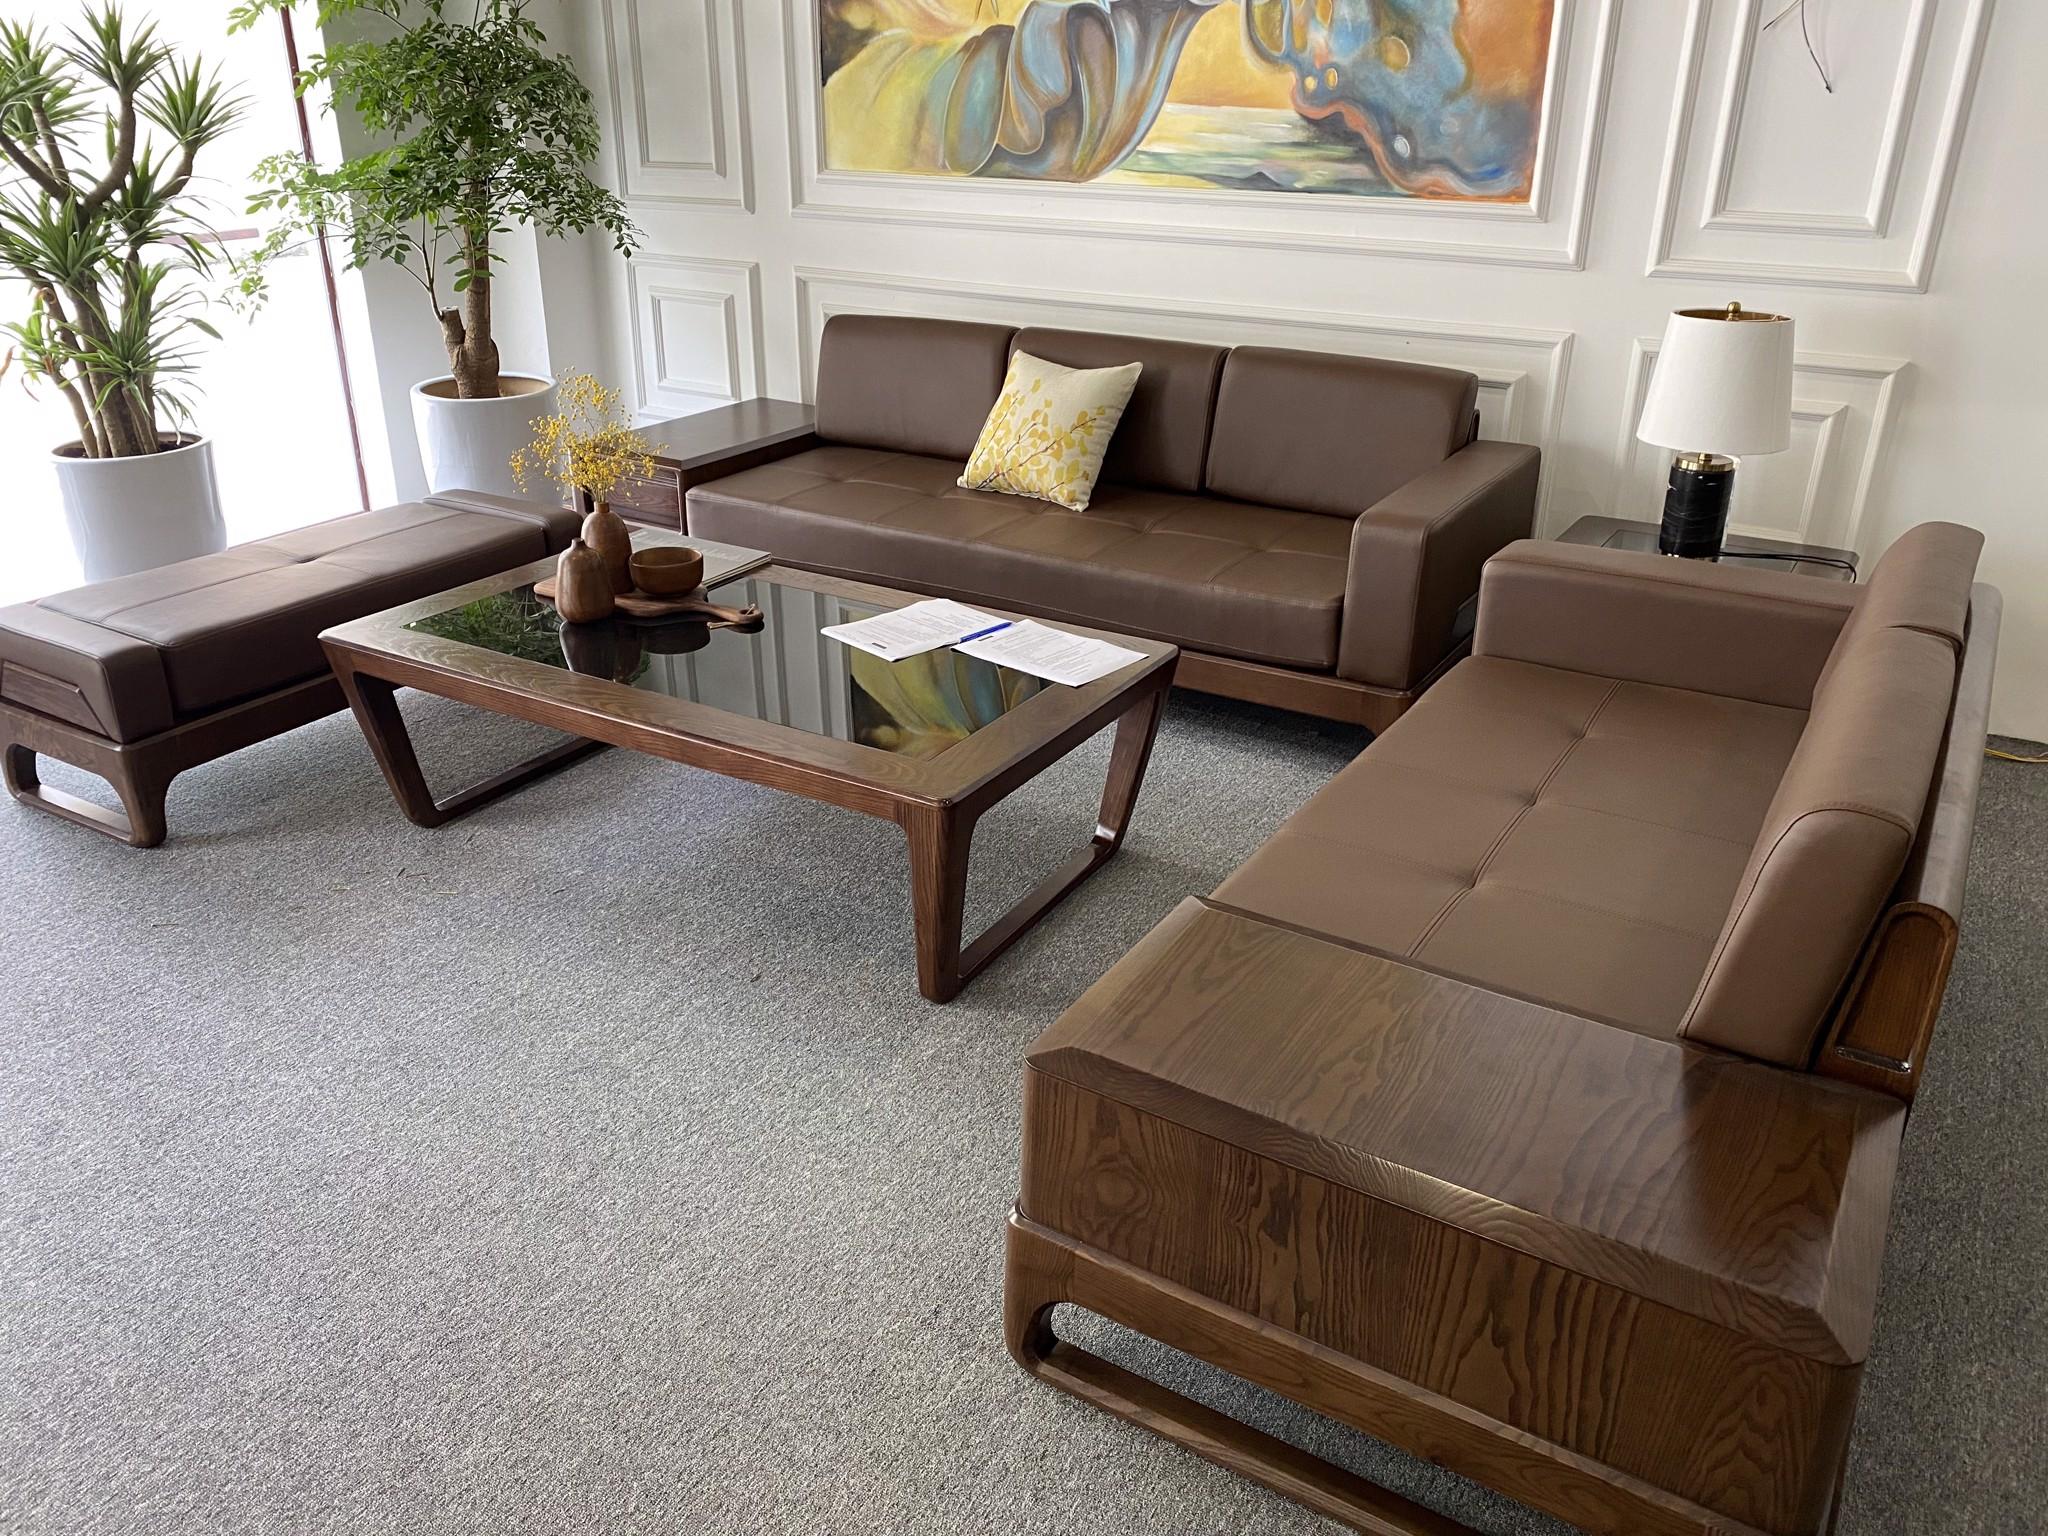 Bộ bàn ghế gỗ hiện đại màu cánh dán